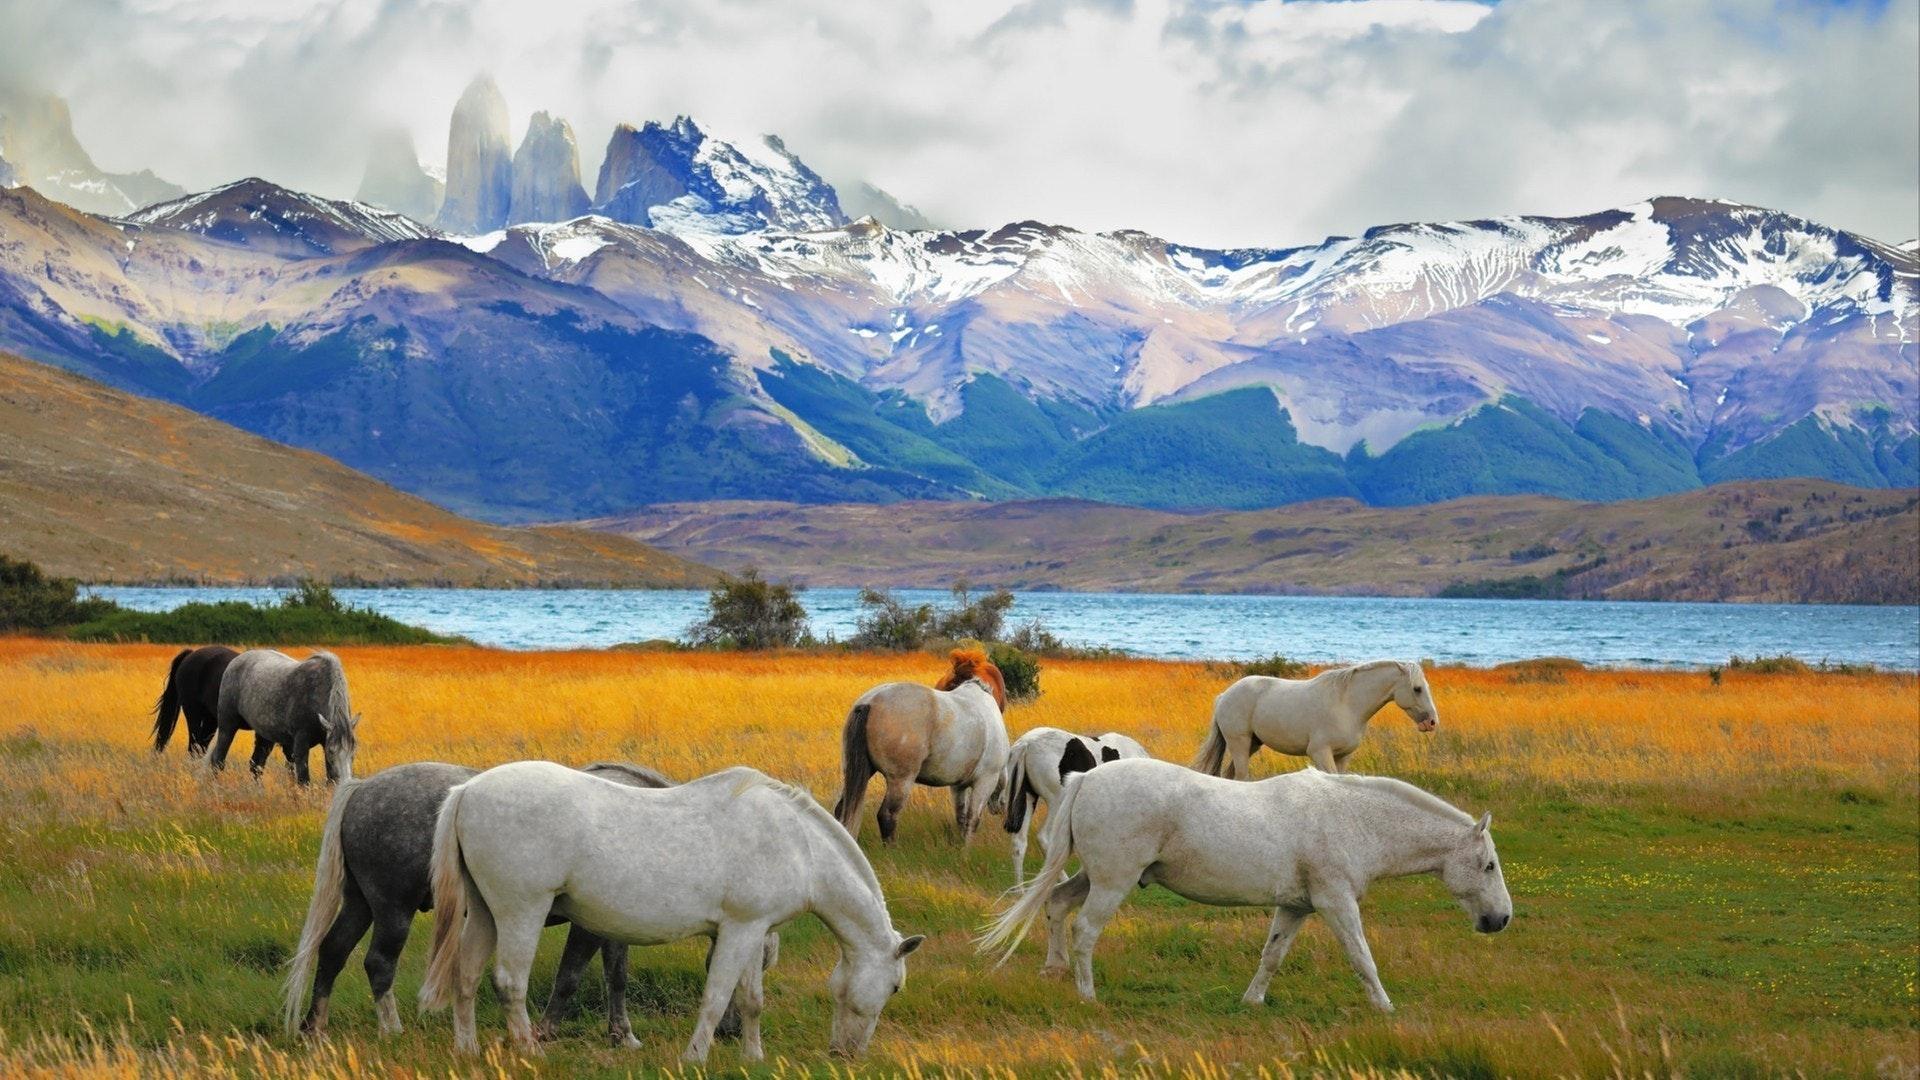 Schöne weiße und graue Pferde grasen auf einer Wiese in der Nähe des Sees. Am Horizont, hoch aufragende Klippen Torres del Paine